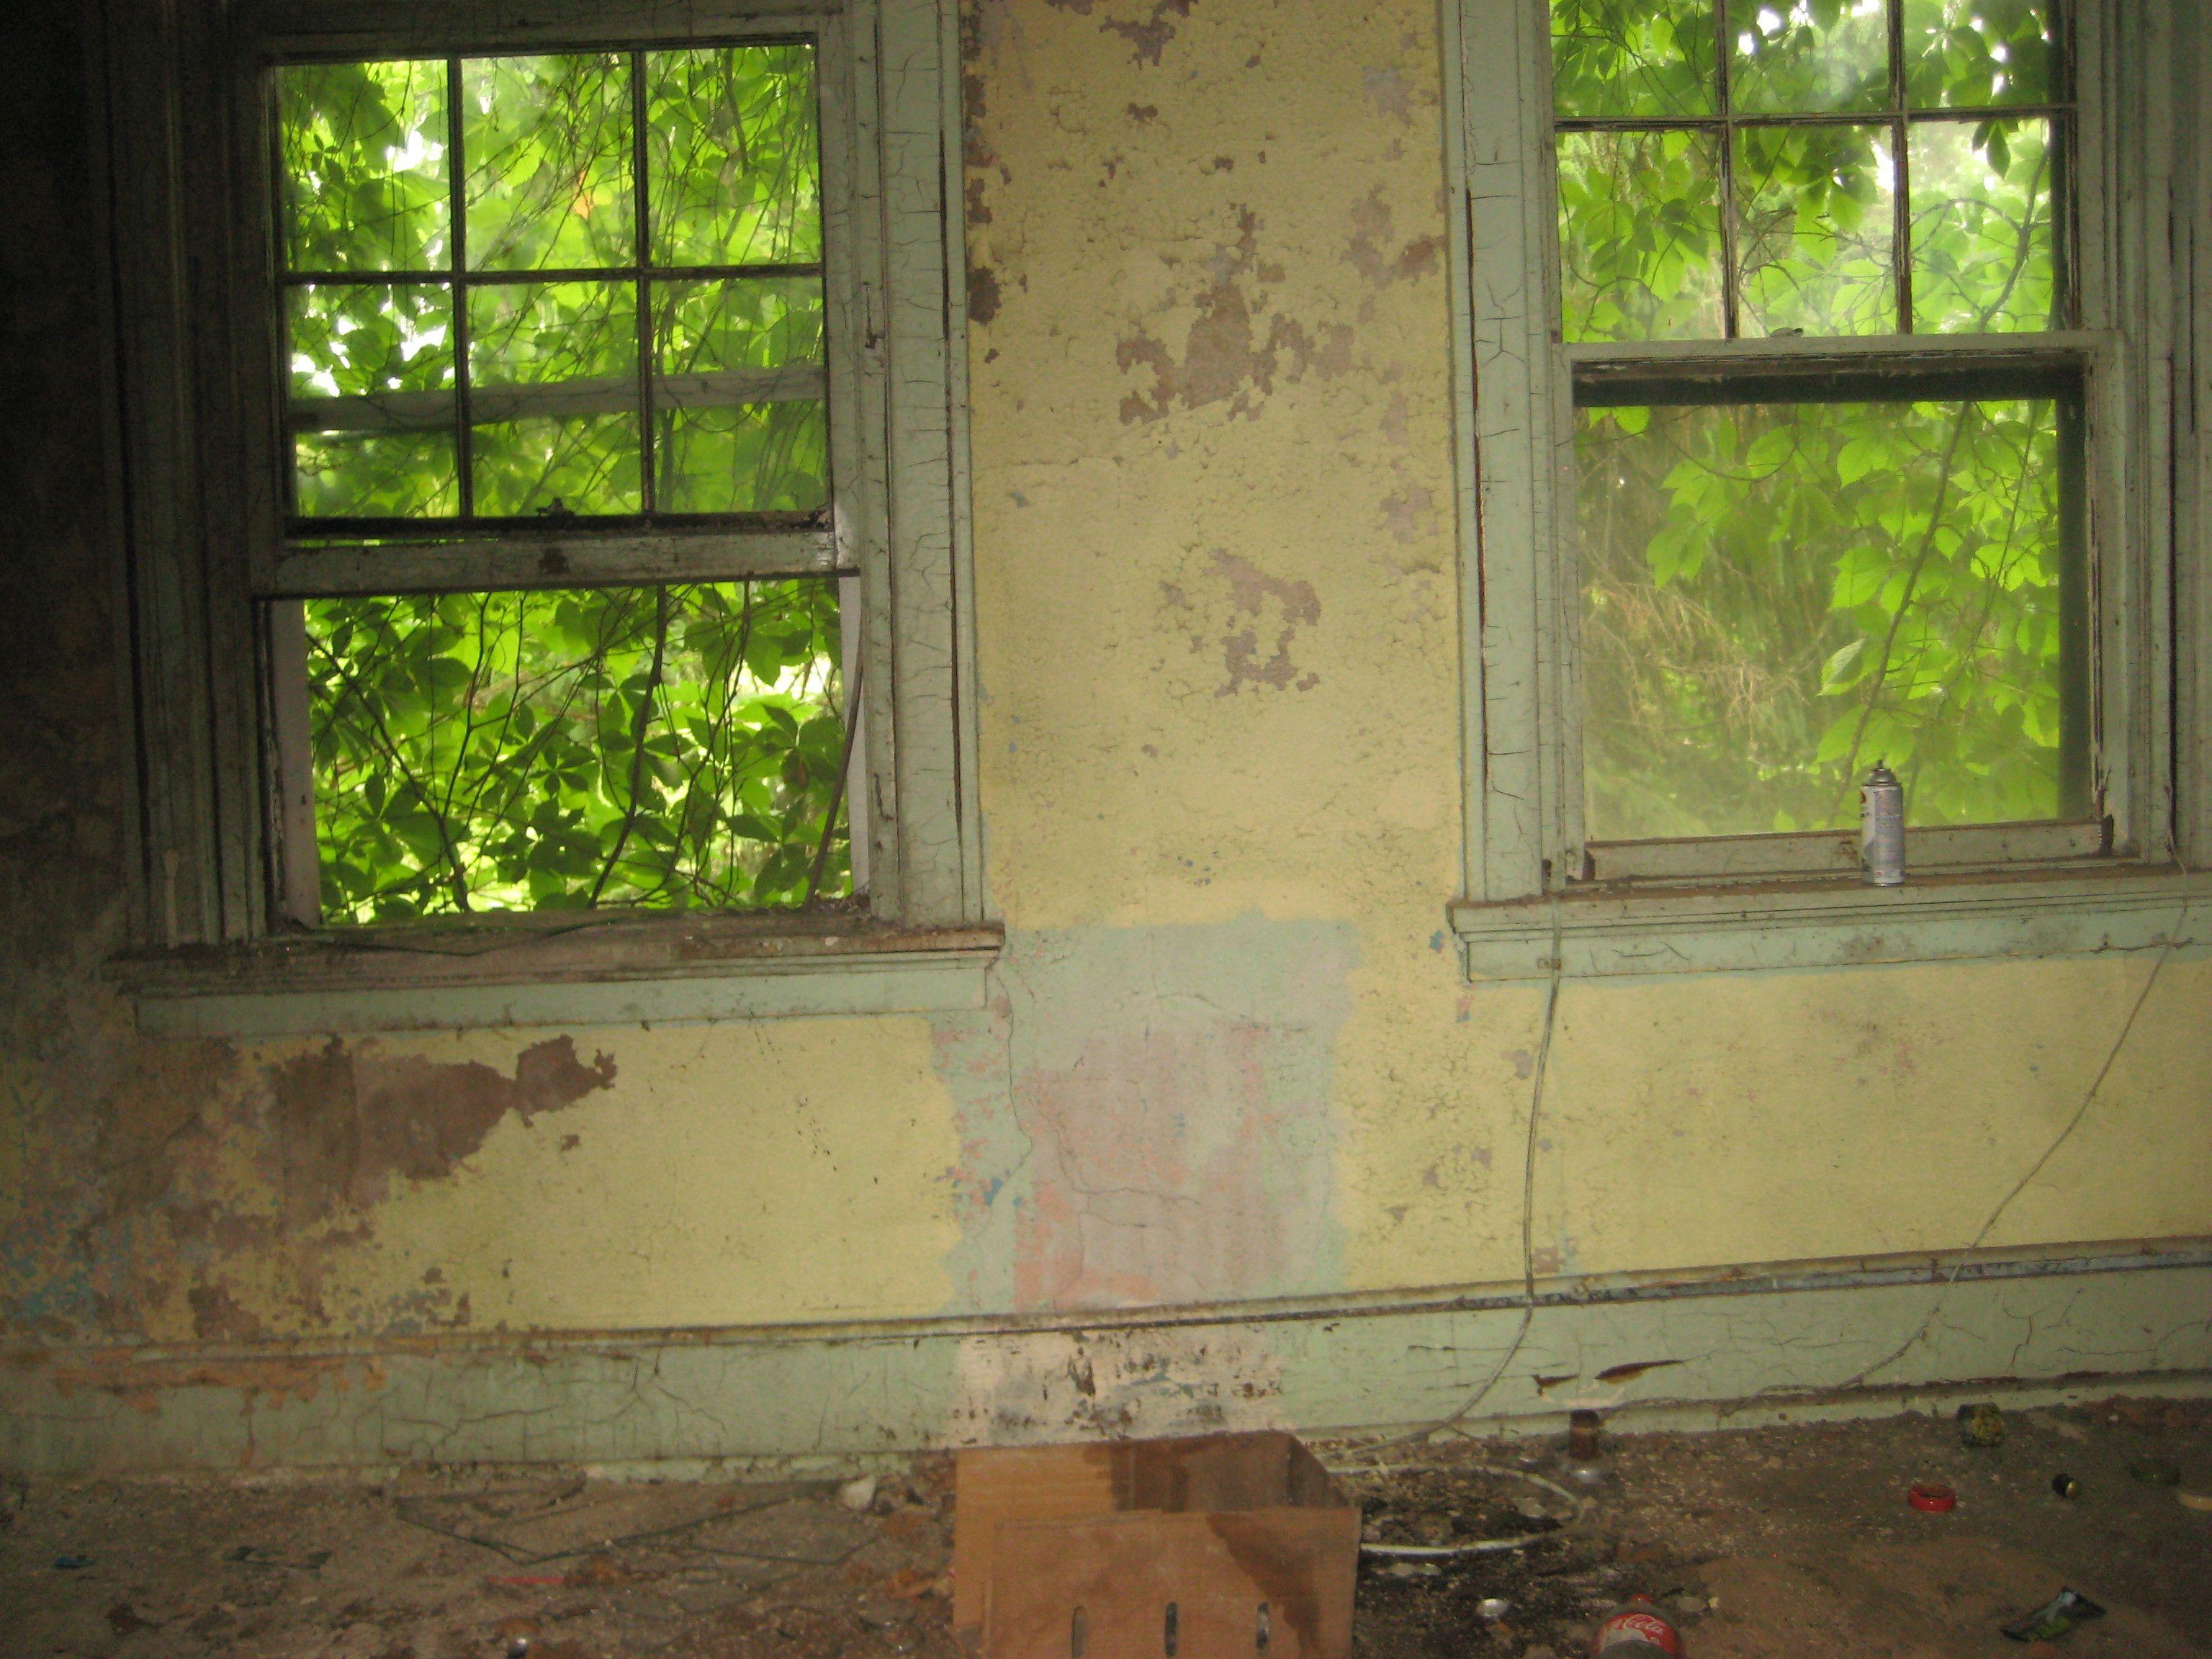 2nd floor bedroom/dormatory Abandoned ohio, Children's